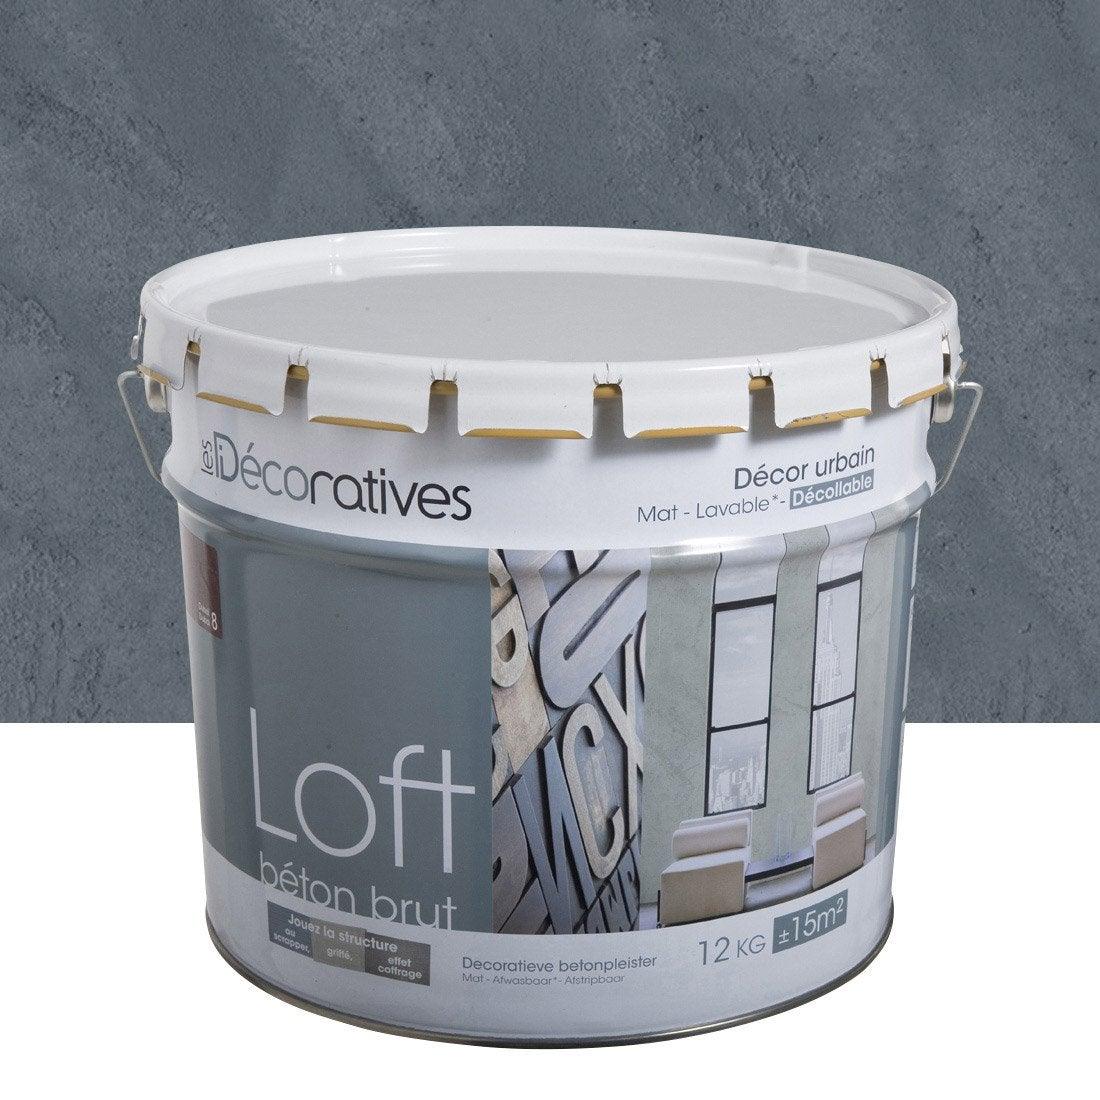 Peinture effet loft b ton brut les decoratives violet for Loft beton cire leroy merlin